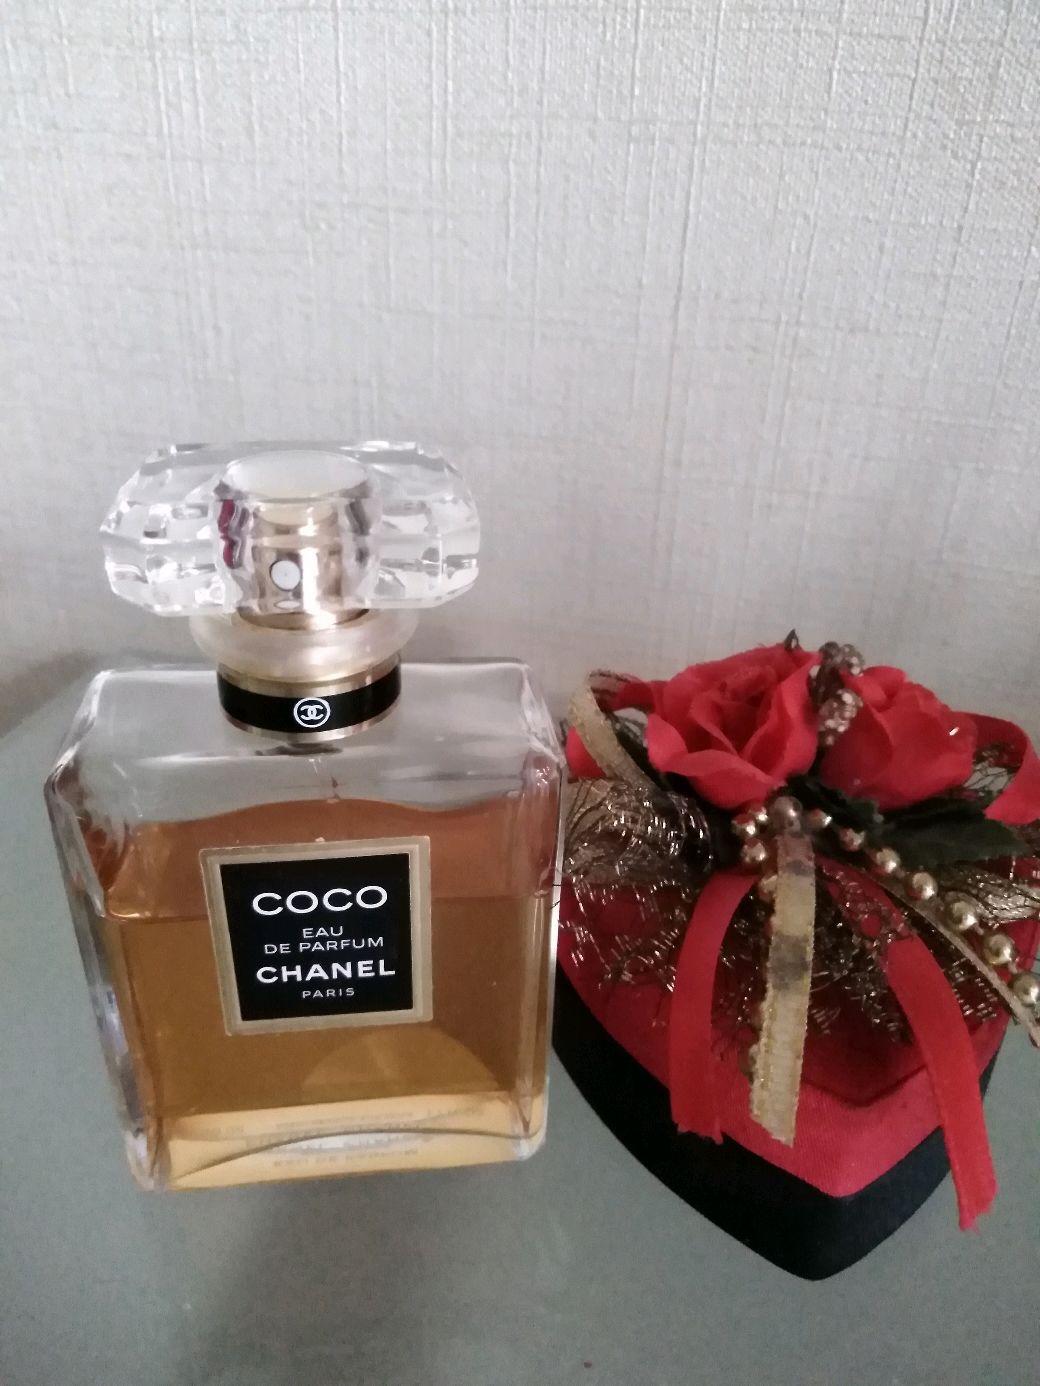 Coco Eau Parfum Chanel. Парфюм, Франция. Духи, Духи, Ставрополь,  Фото №1